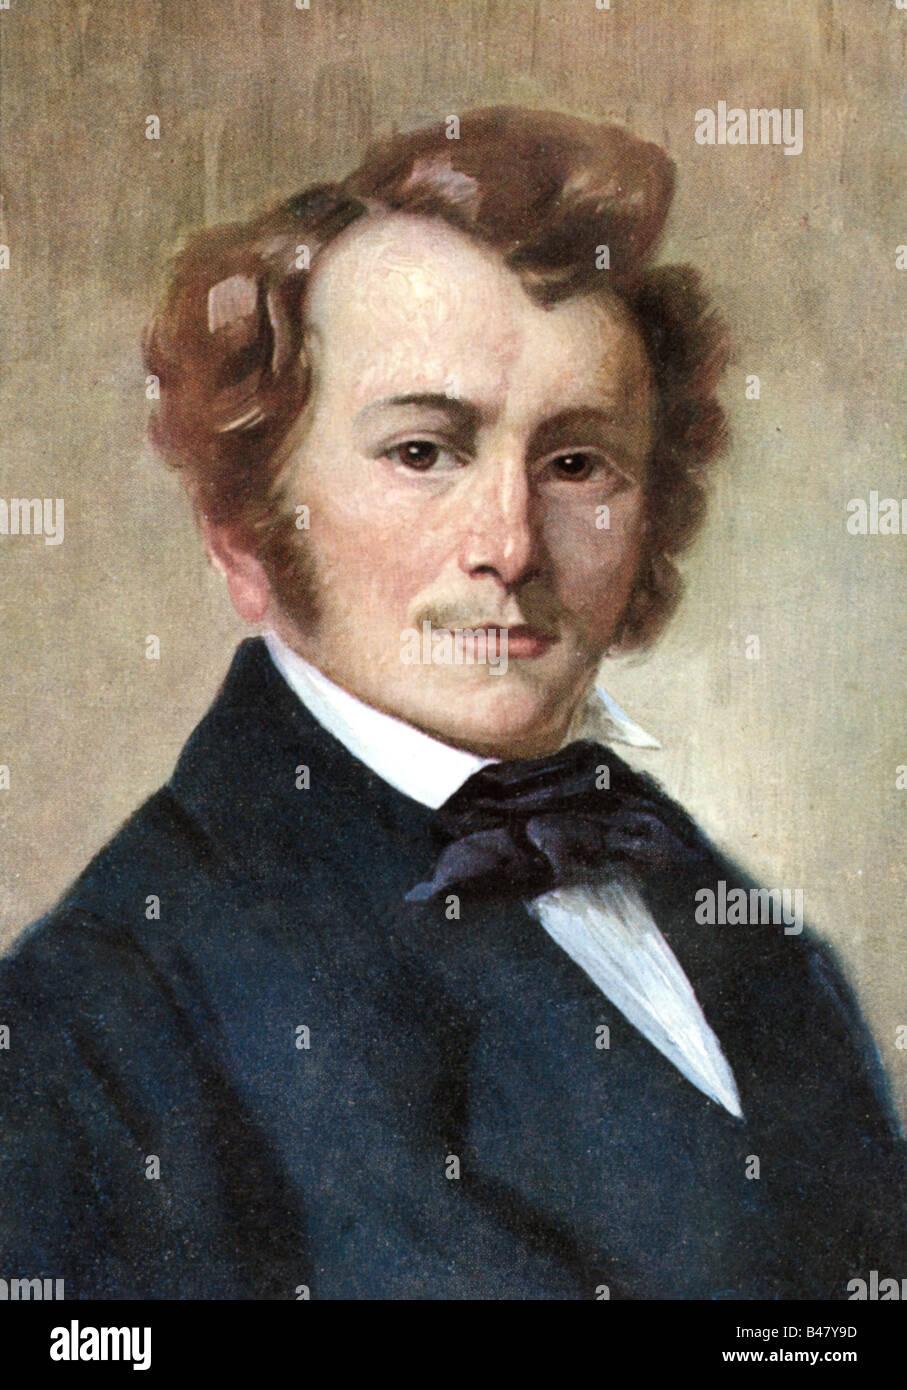 Lortzing, Albert, 23.10.1801 - 21.01.1851, deutscher Komponist, Porträt, Gemälde von Robert Einhorn, ca. 1910, Stockfoto